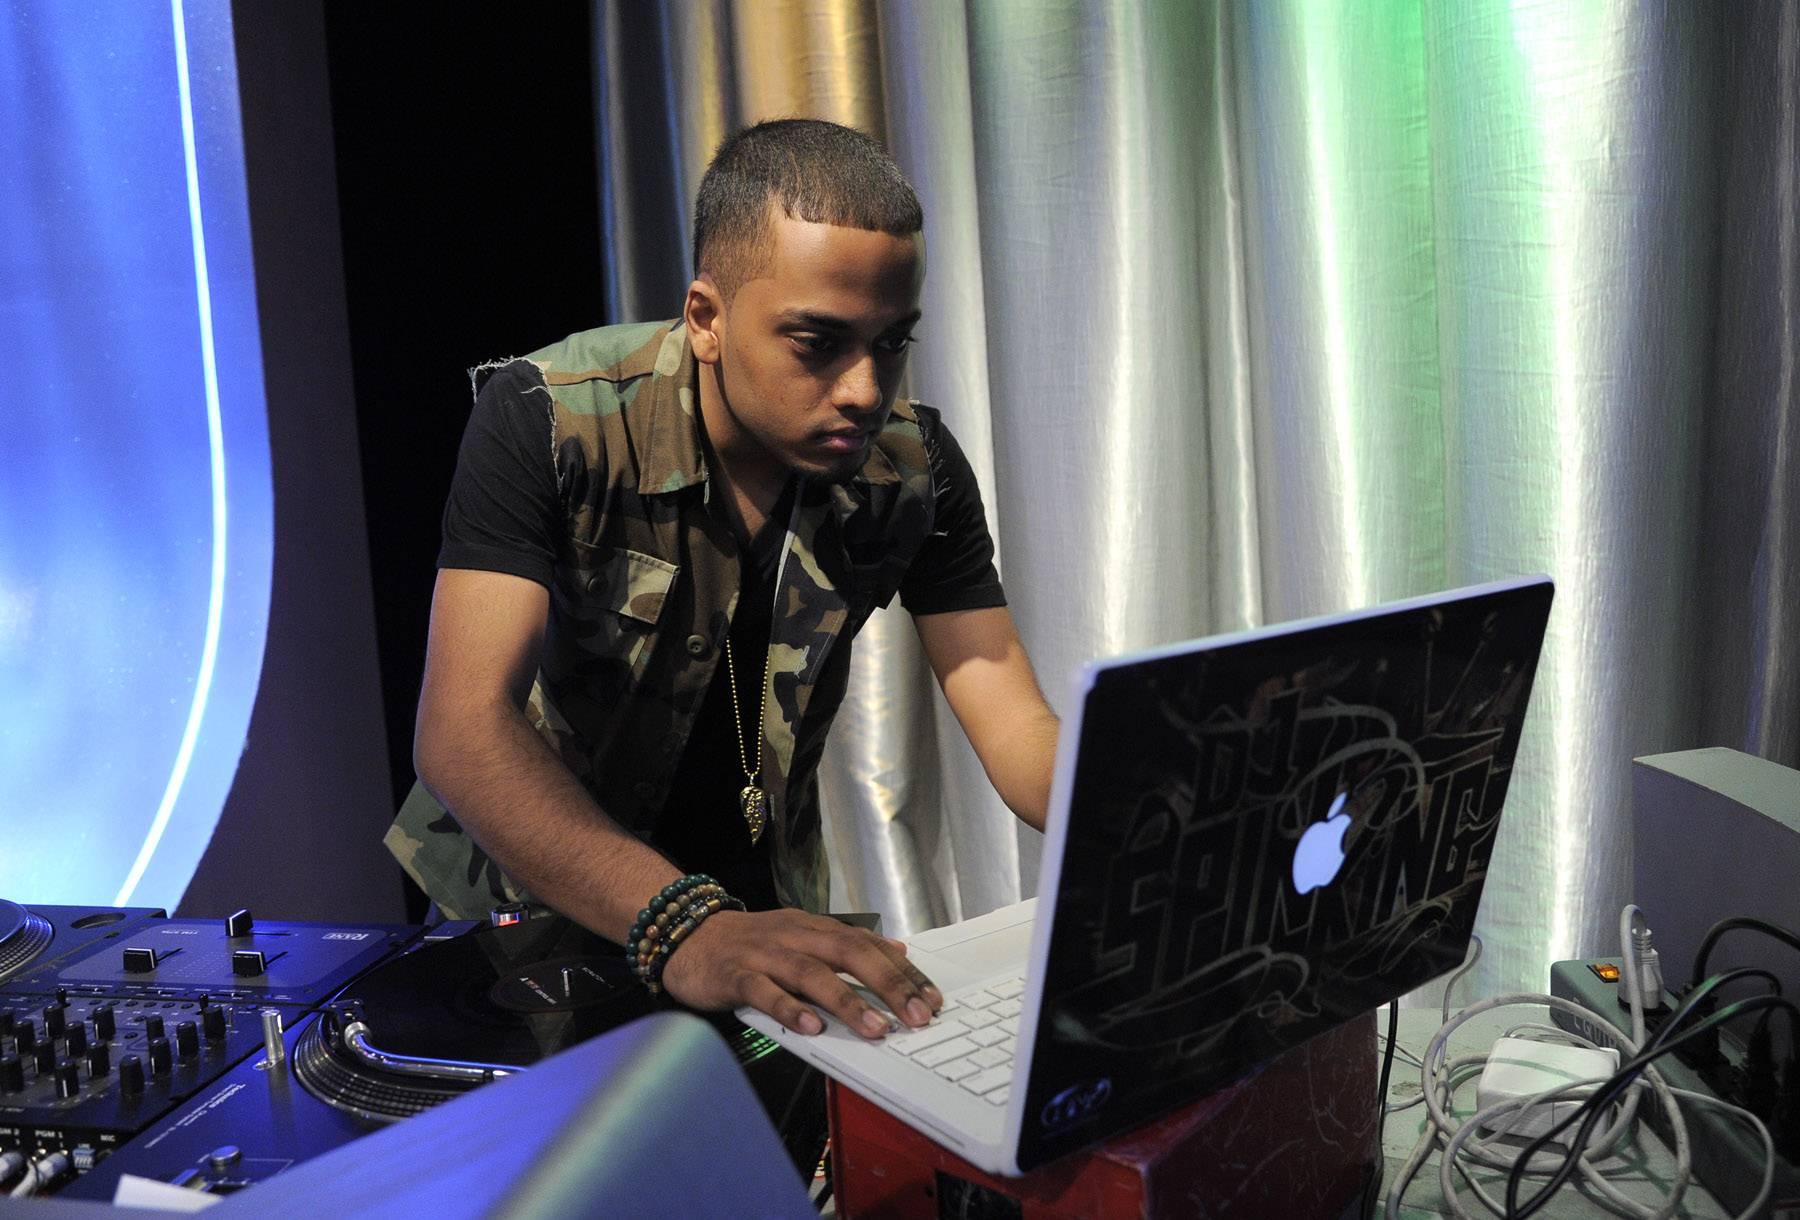 Nice mac. - DJ Spin King at 106 & Park, May 16, 2012. (Photo: John Ricard / BET)